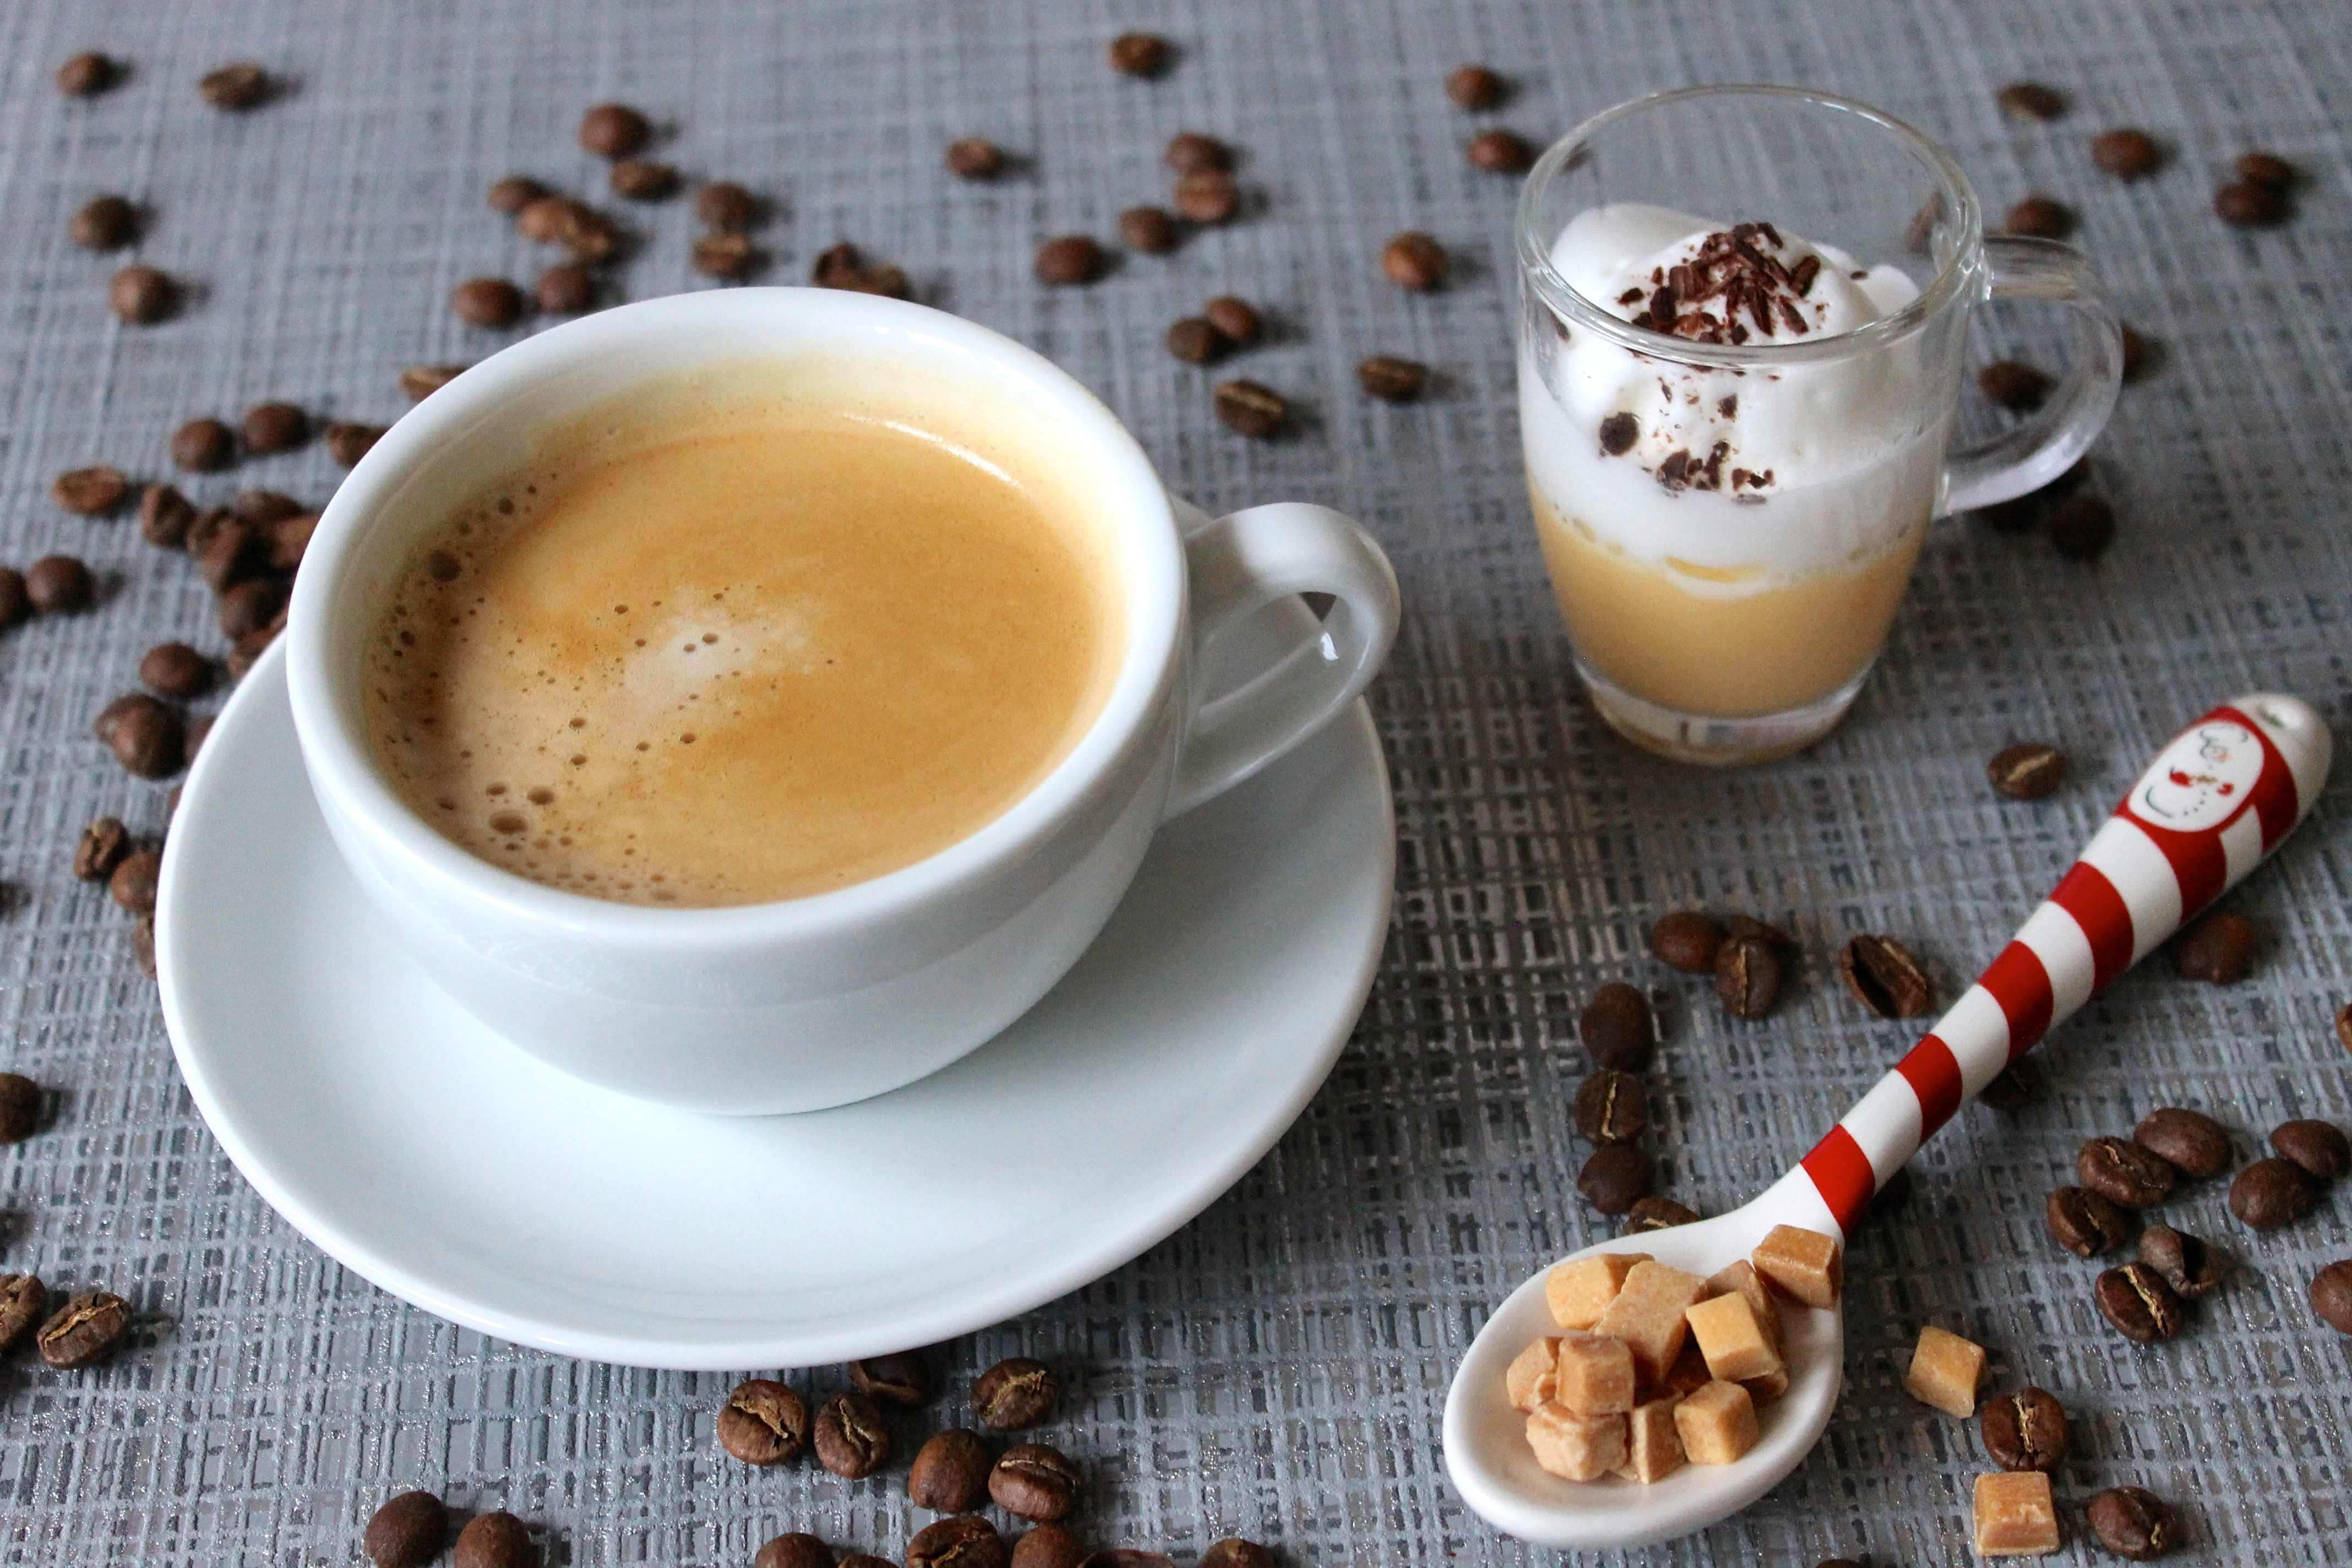 Kaffee mit Schuss_smf